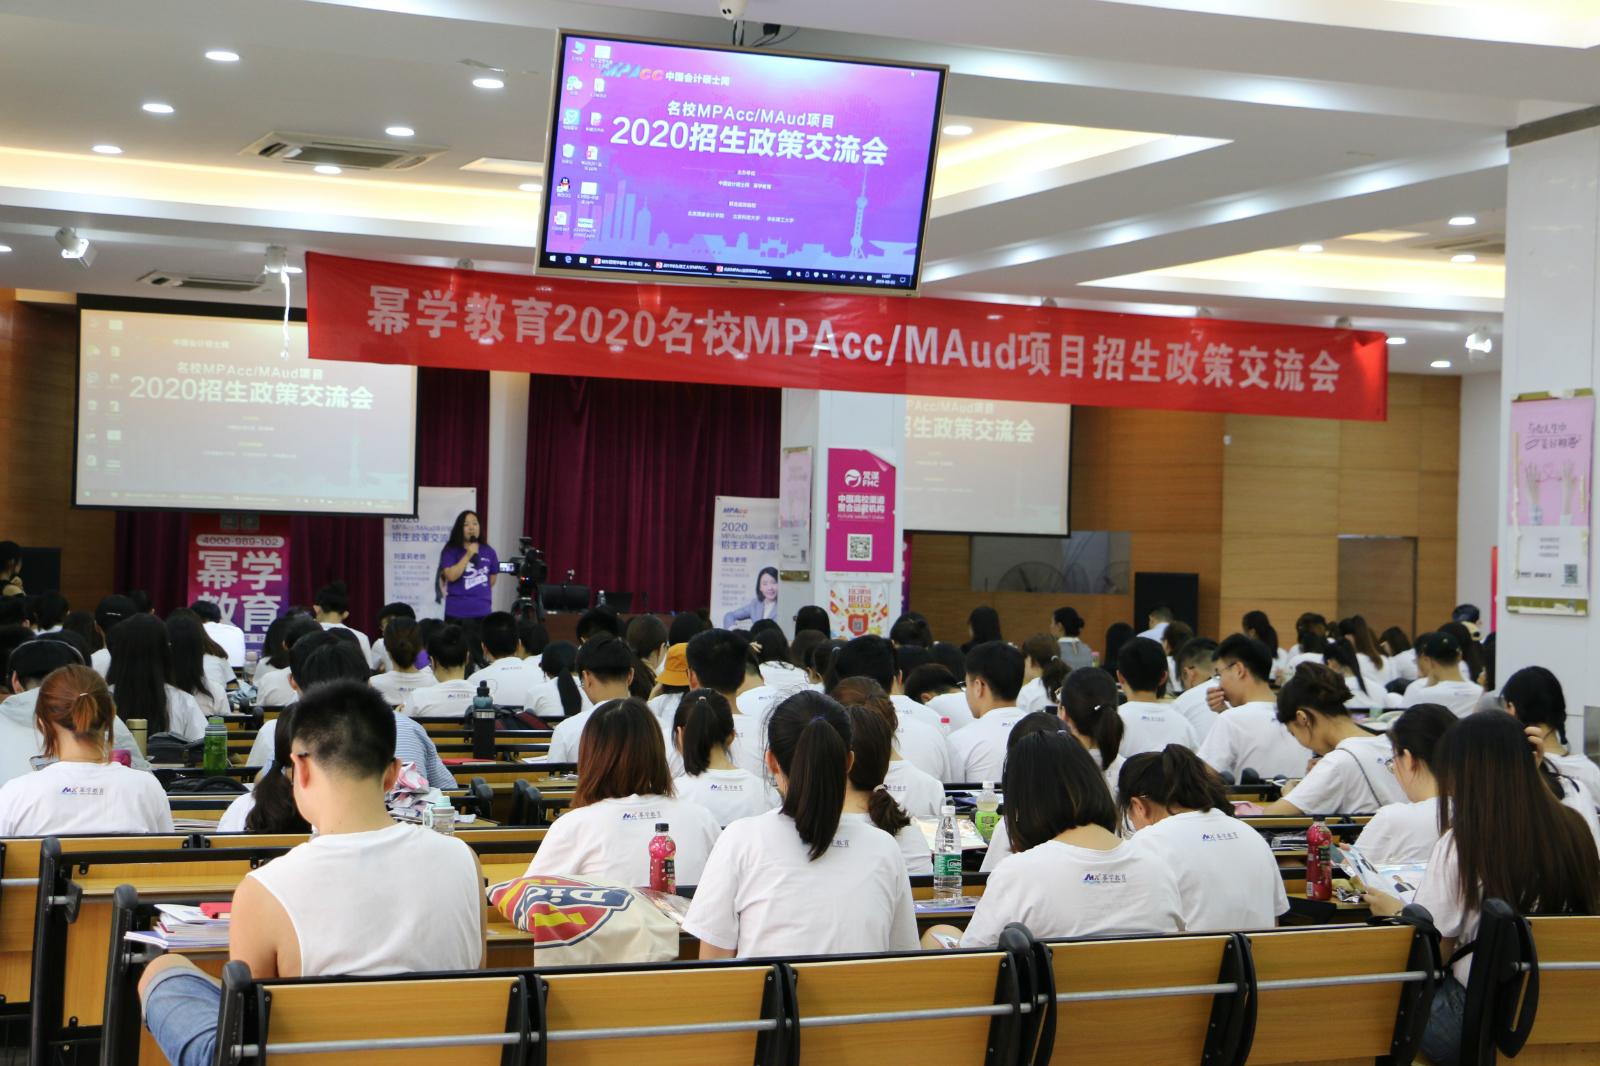 2020名校MPAcc/MAud项目招生政策交流会成功举办!